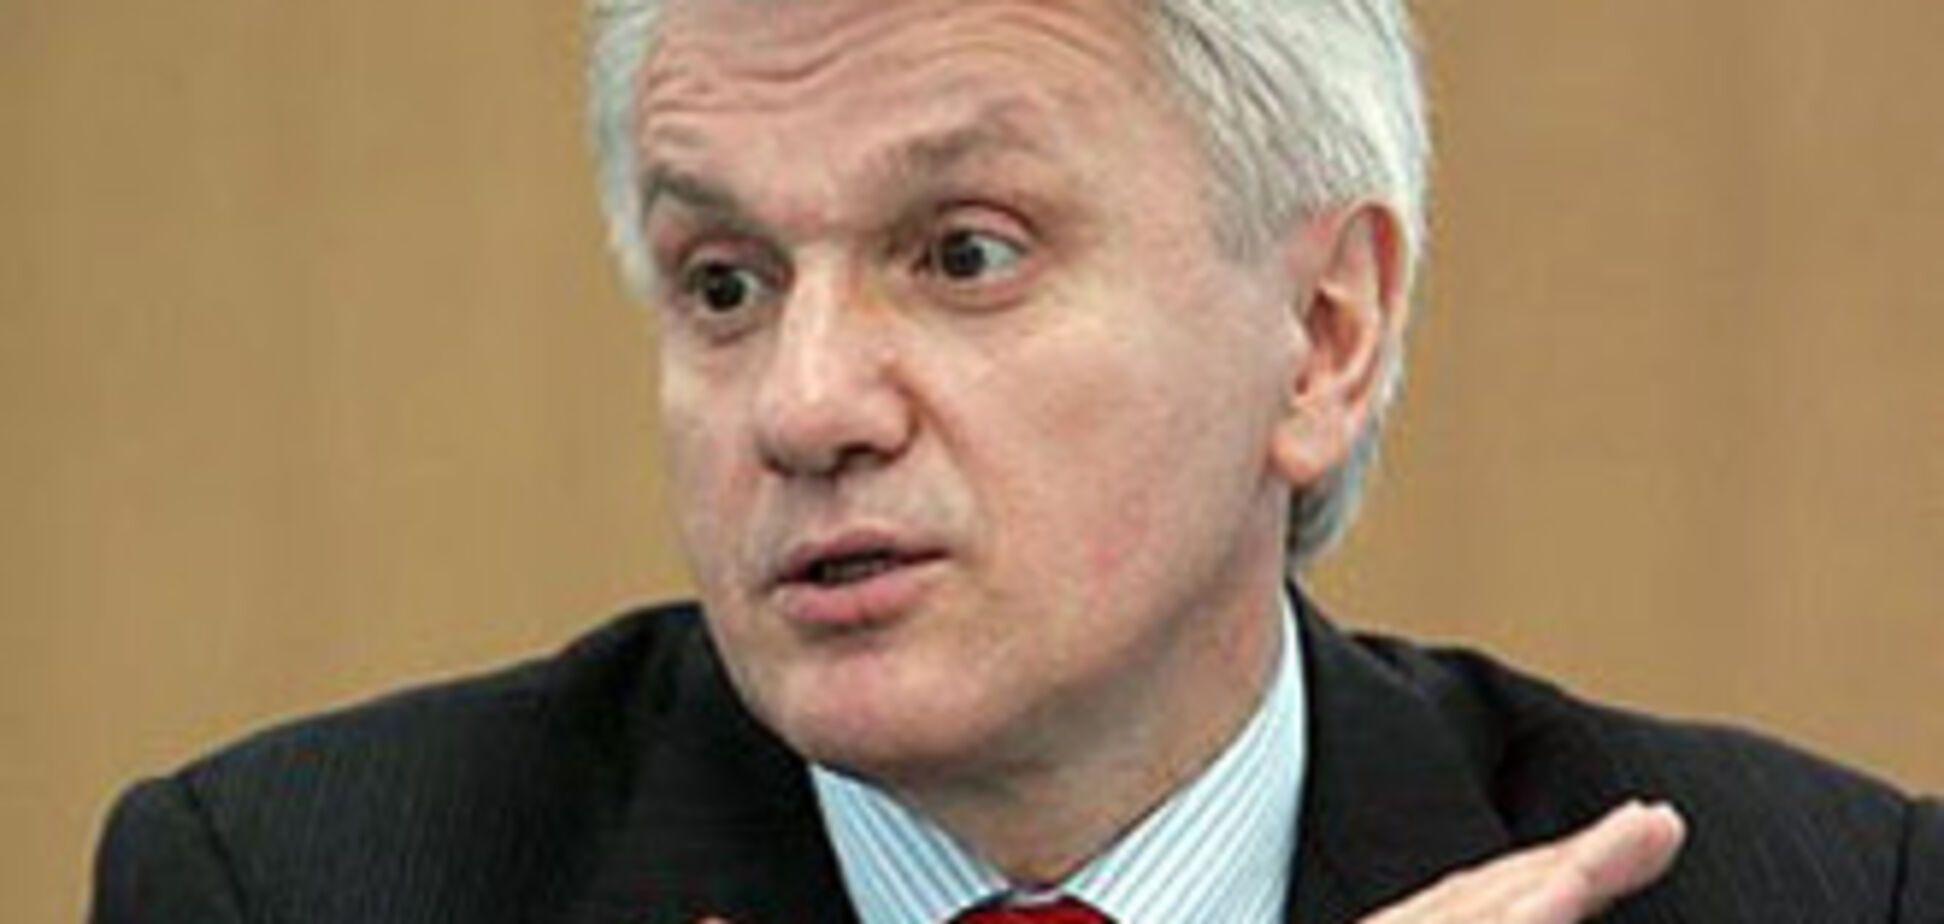 Литвин не хоче бути спікером ПРіБЮТ